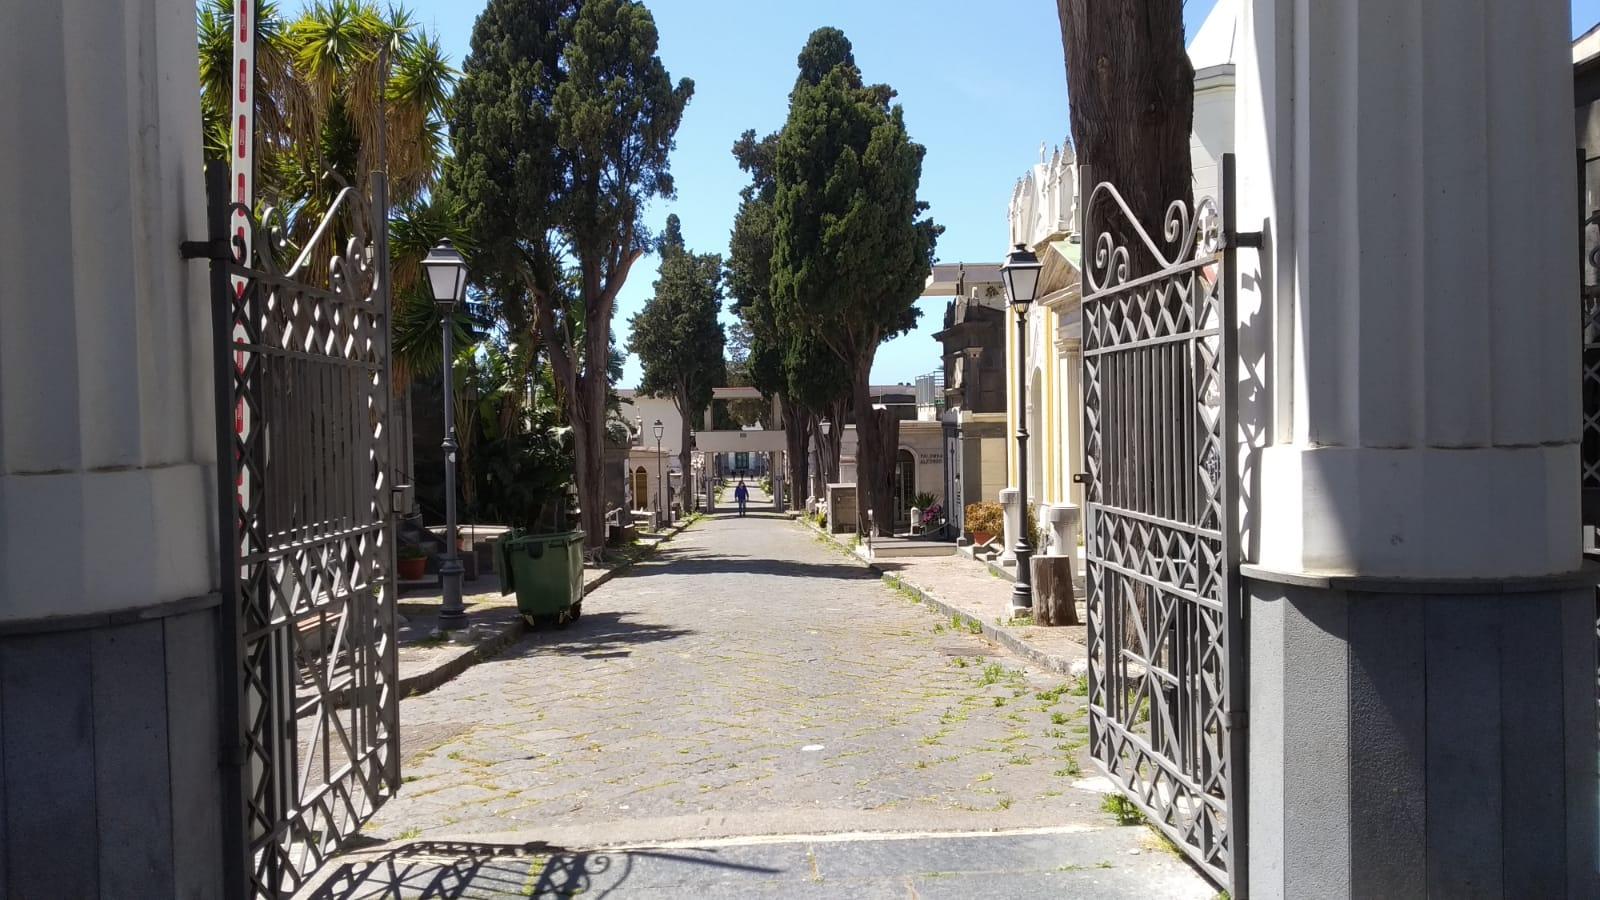 Cimitero aperto per la commemorazione dei defunti a Torre del Greco